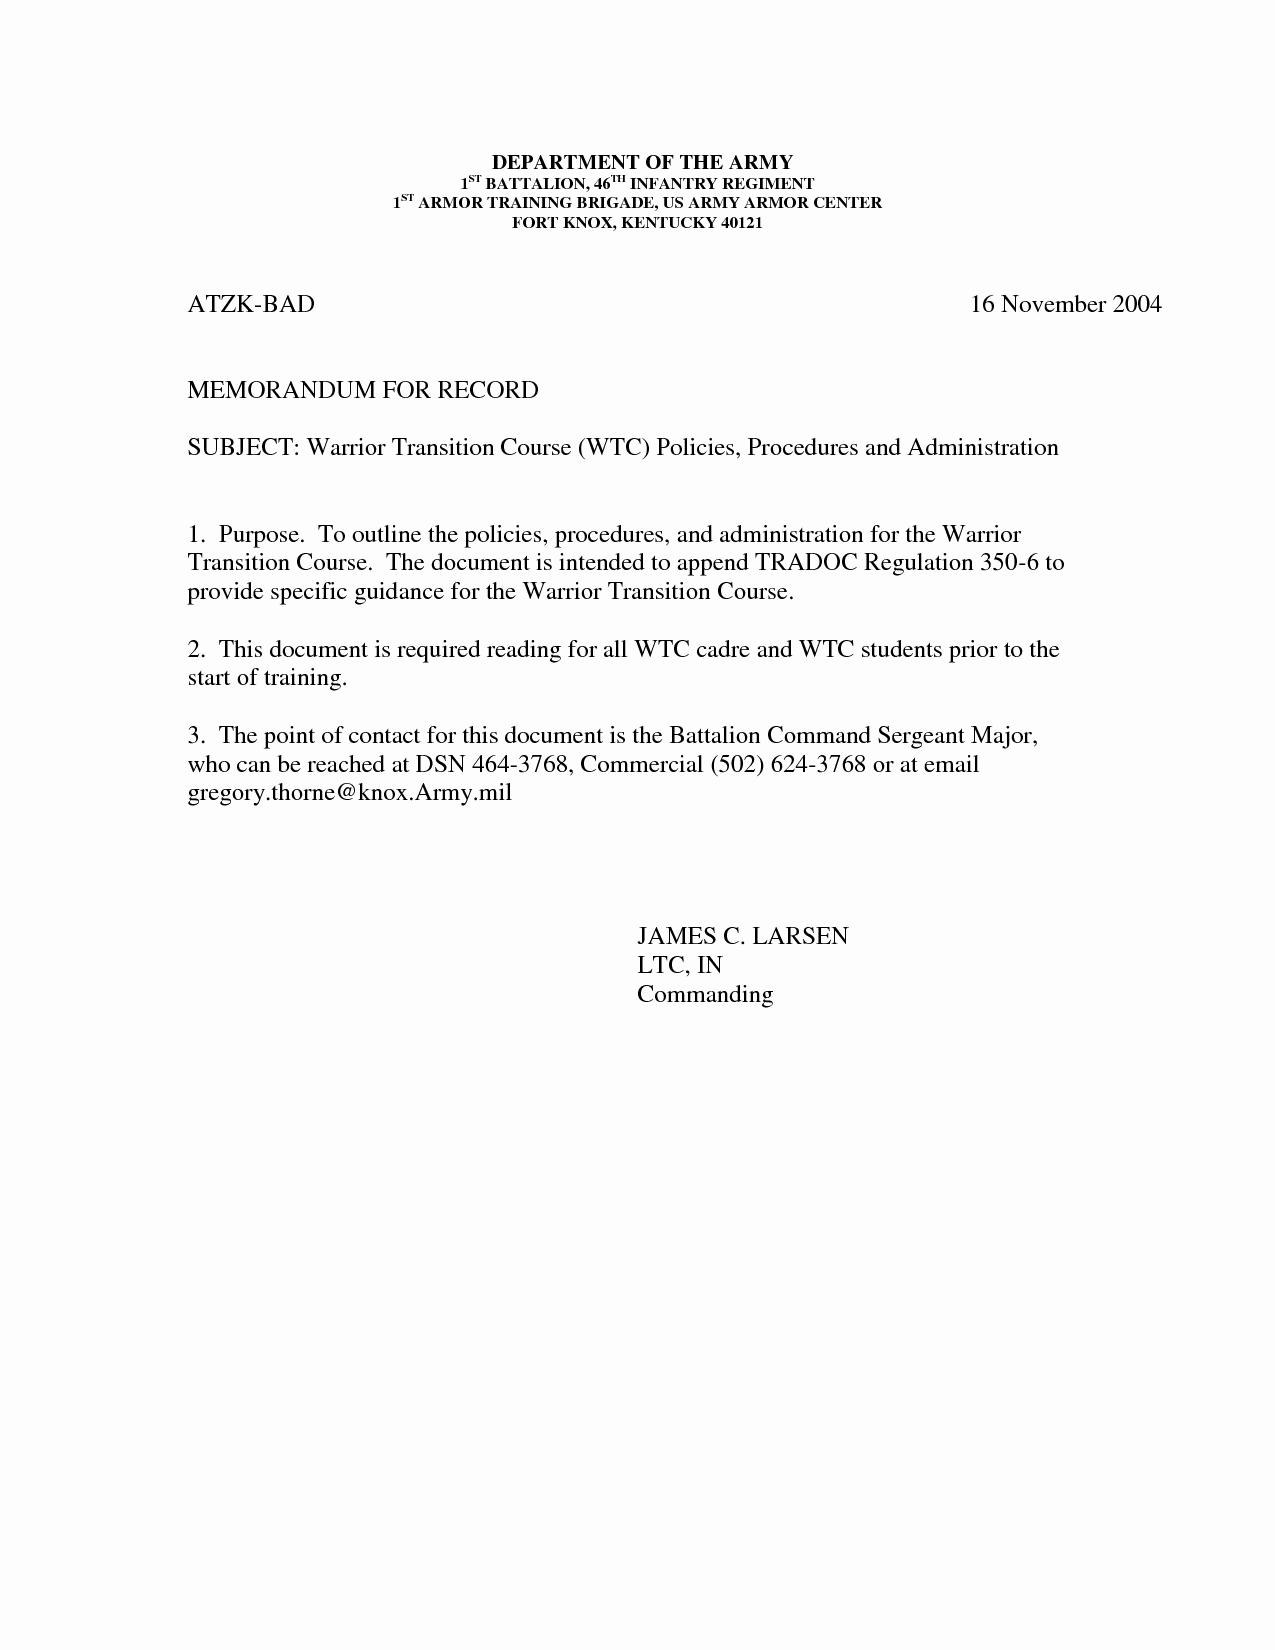 Memorandum Of Record Template Elegant L225 Wlc Bing Images